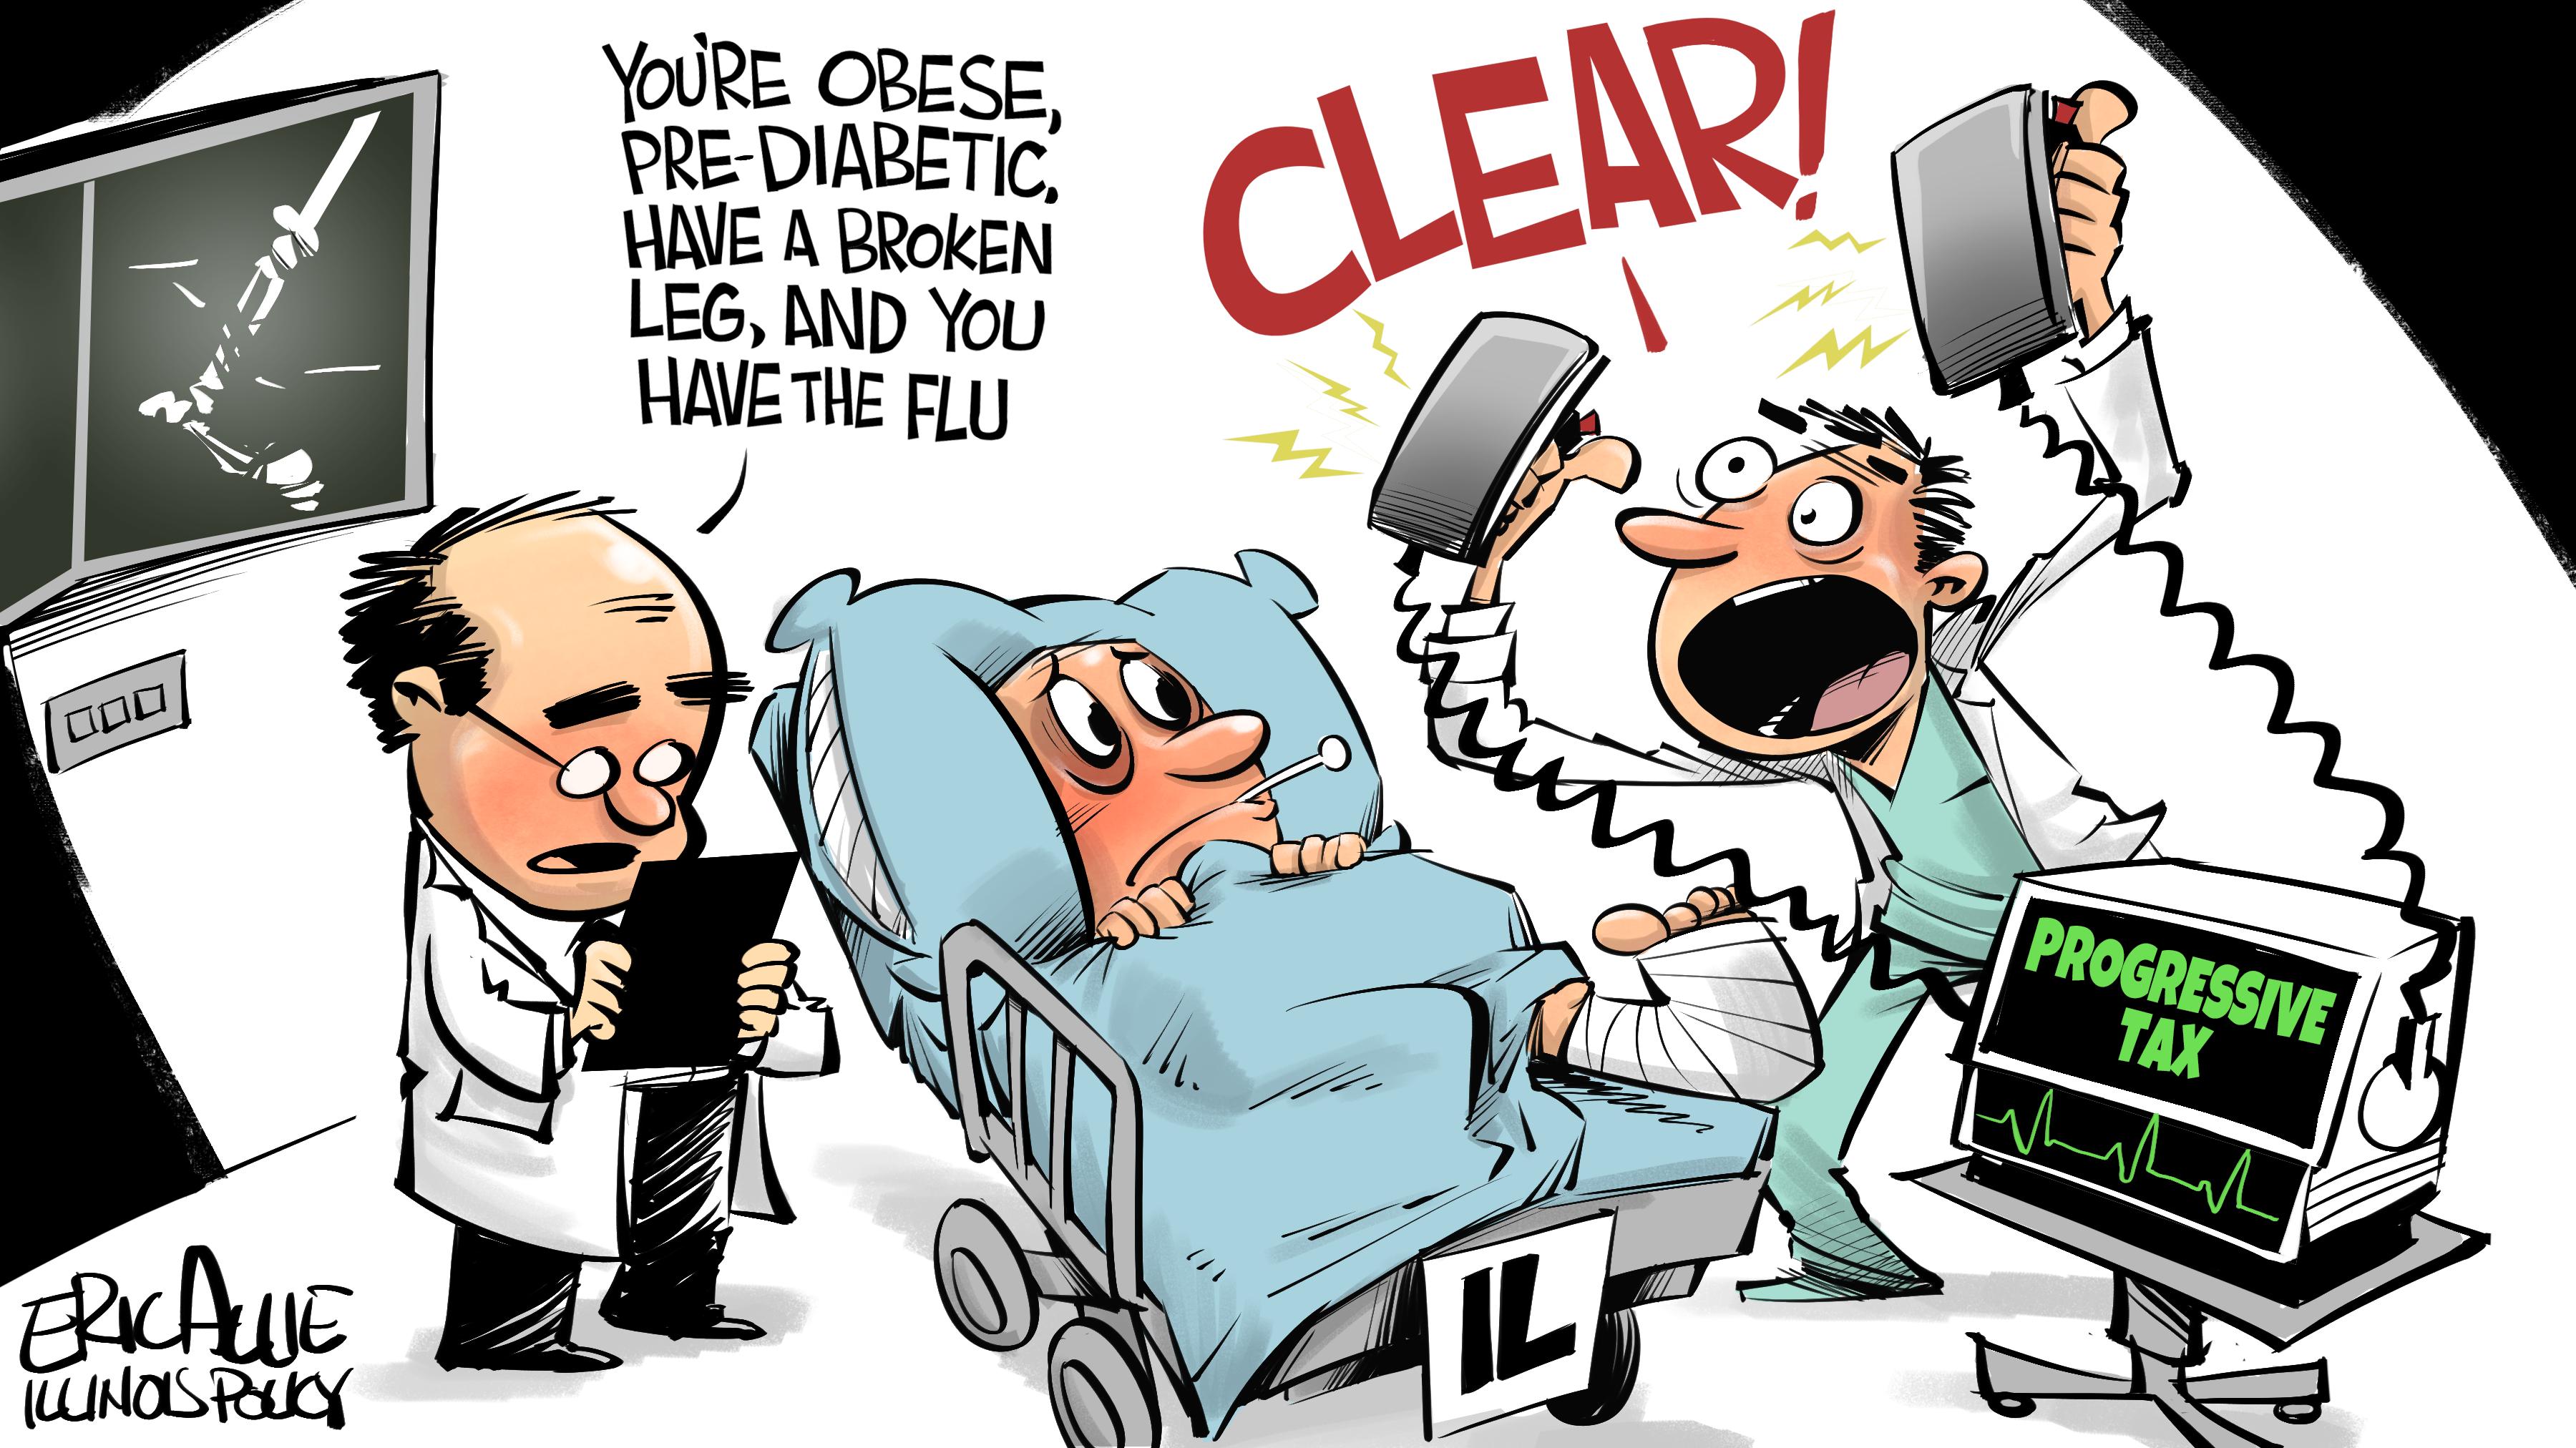 Progressive tax cure